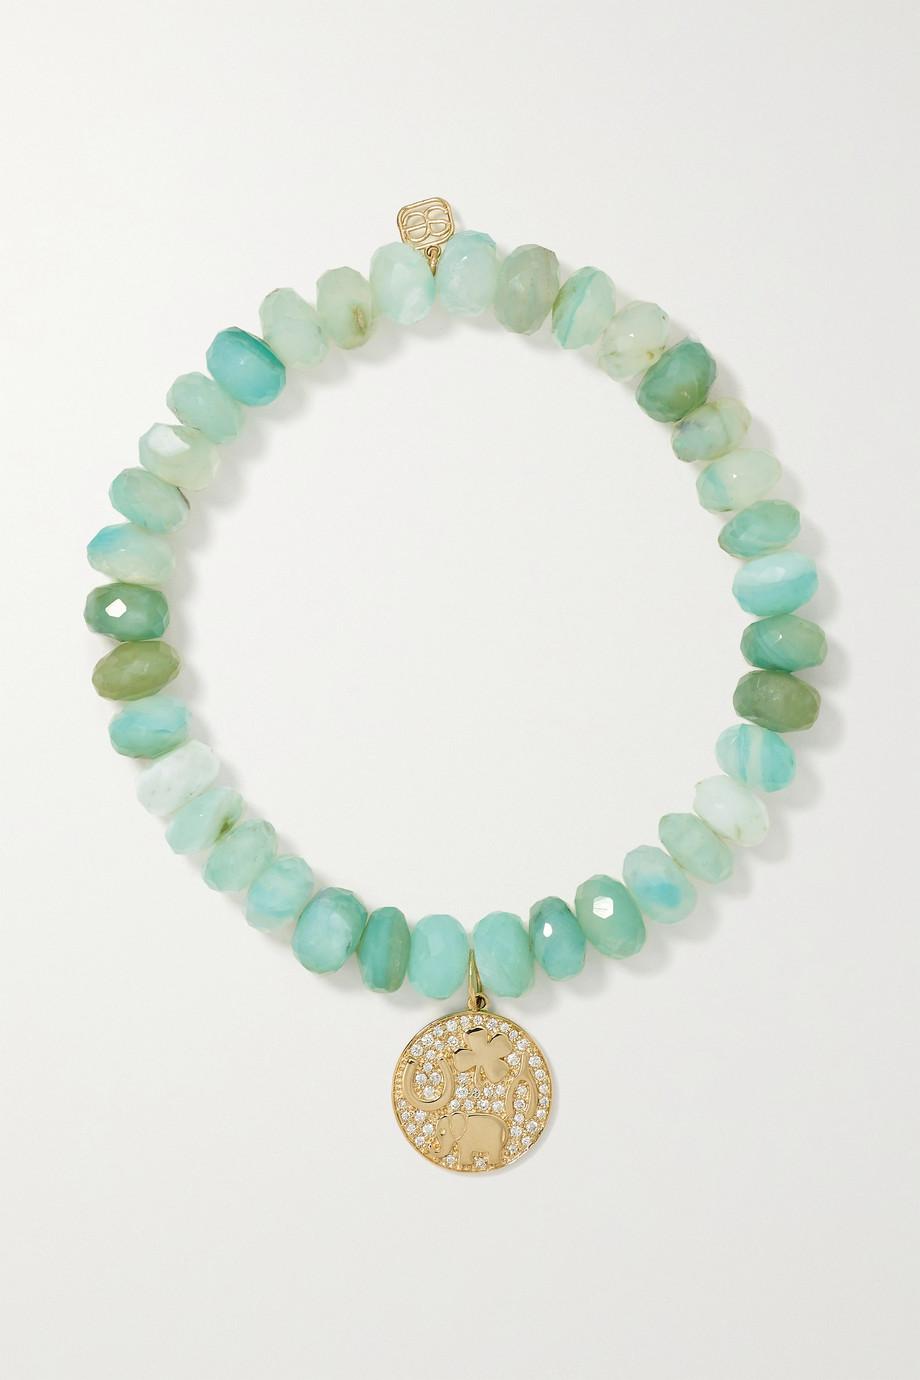 Sydney Evan Bracelet en or 14 carats (585/1000), opales et diamants Luck Tableau